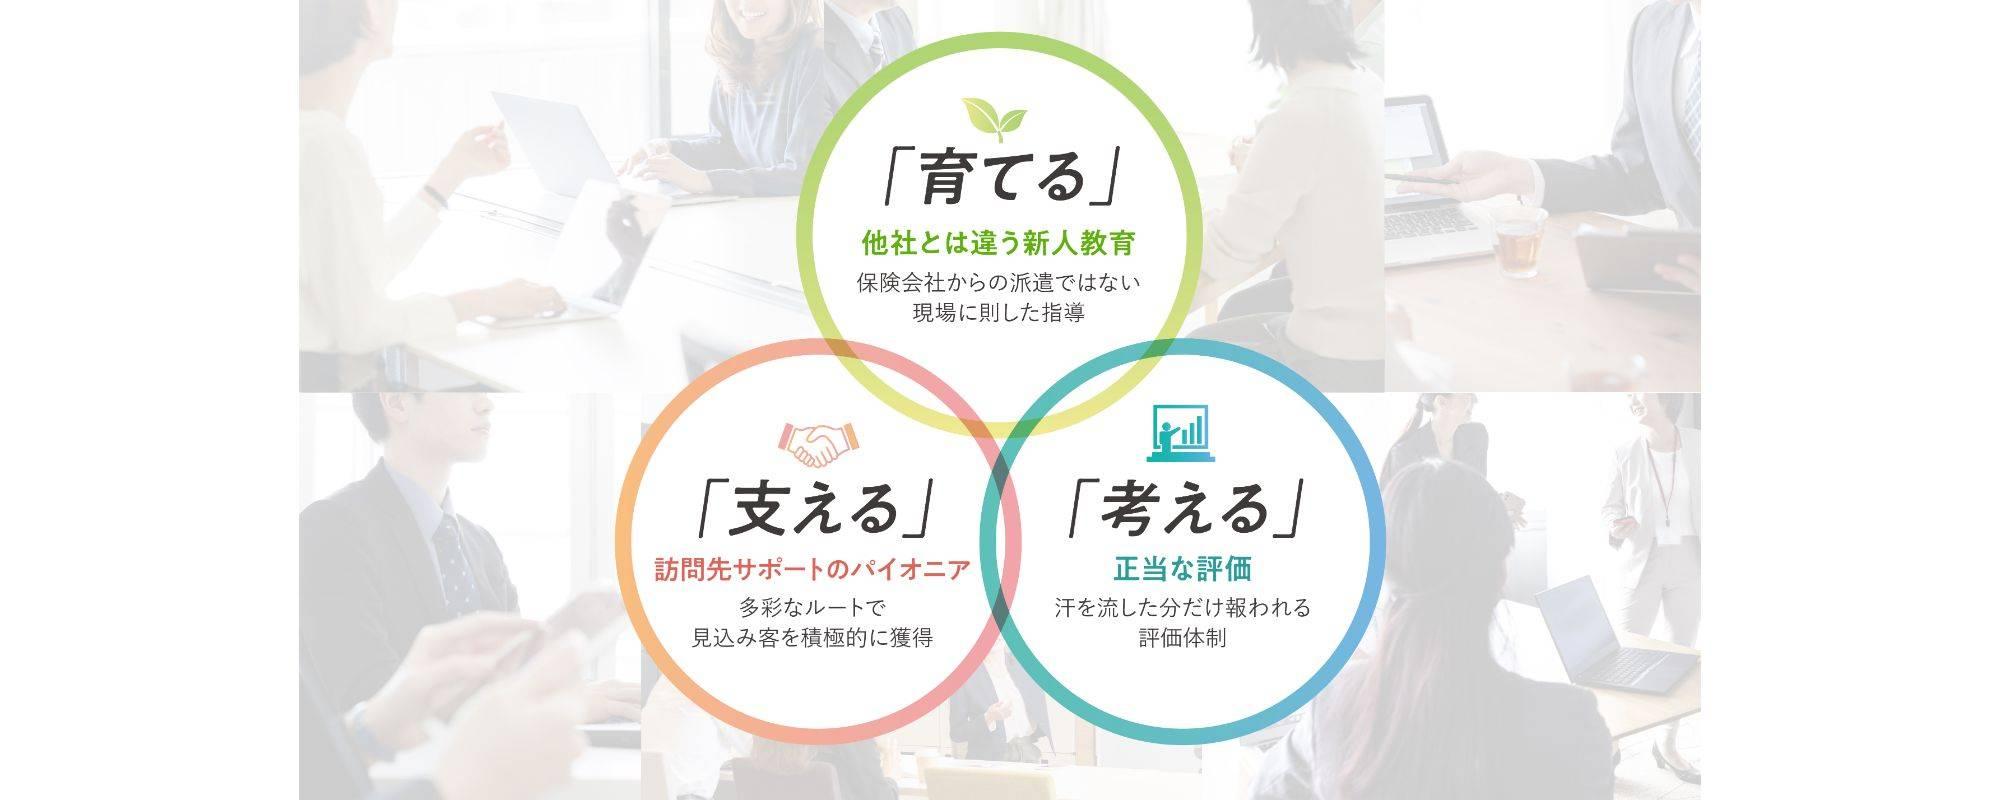 株式会社RKコンサルティング 神戸支社